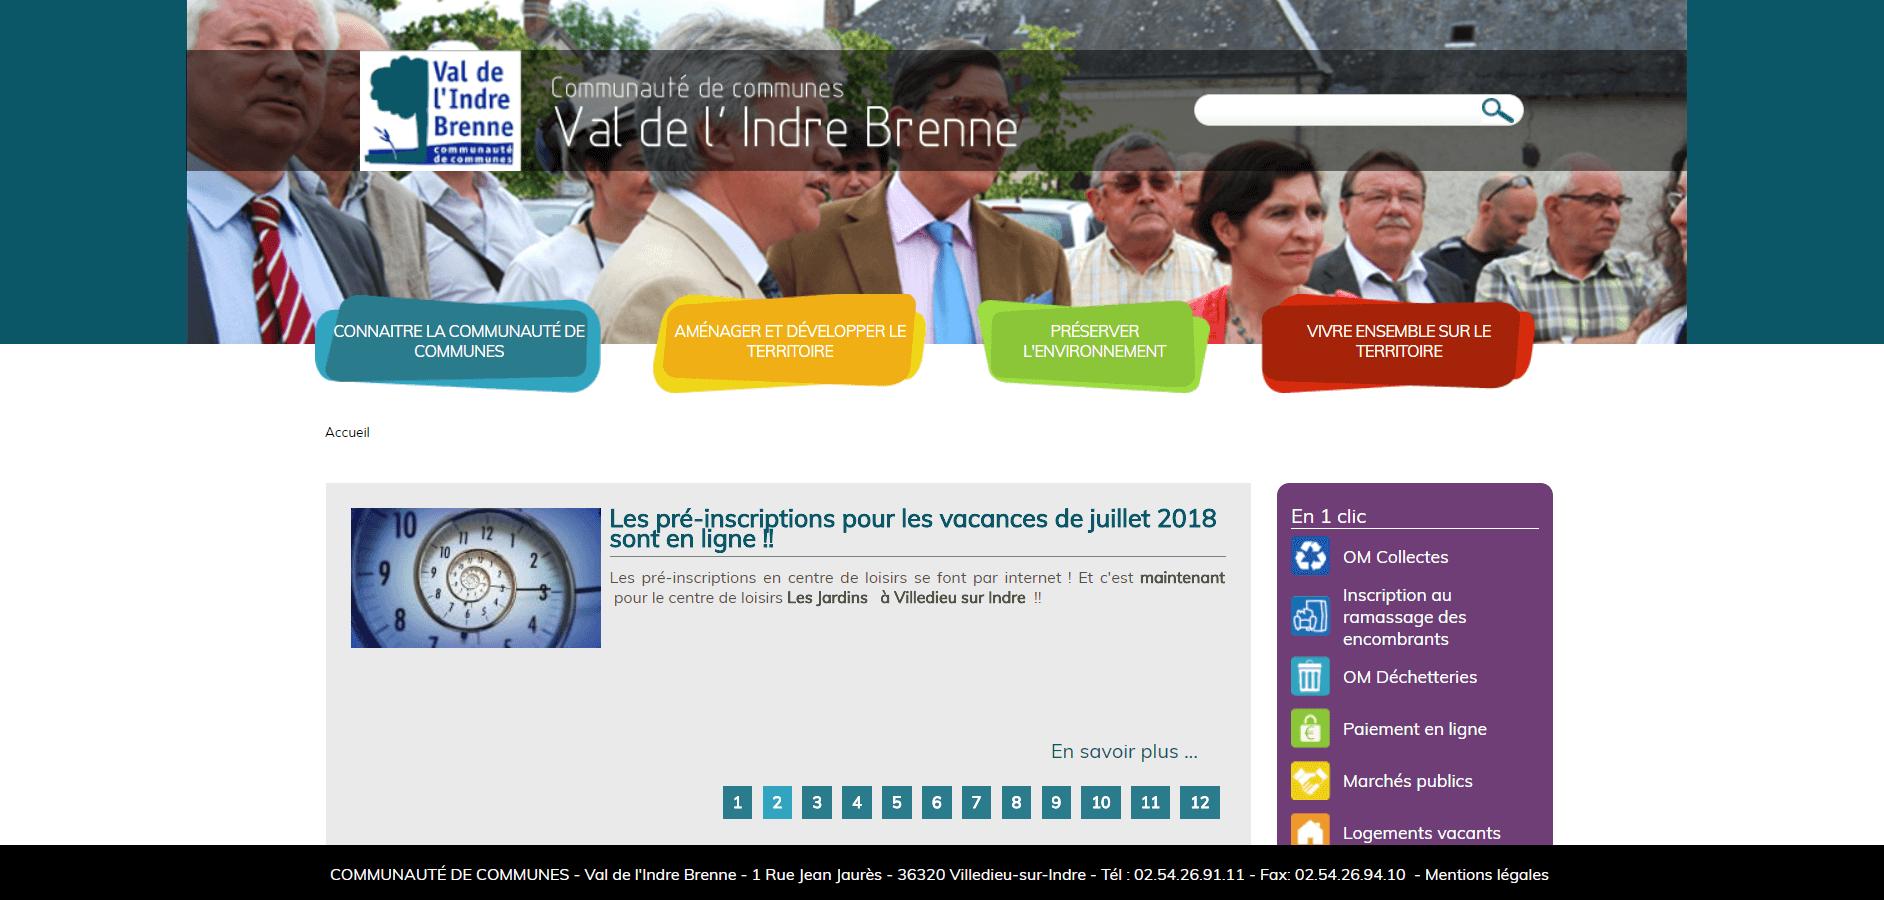 Création site internet de la Communauté de communes du Val de l'Indre Brenne